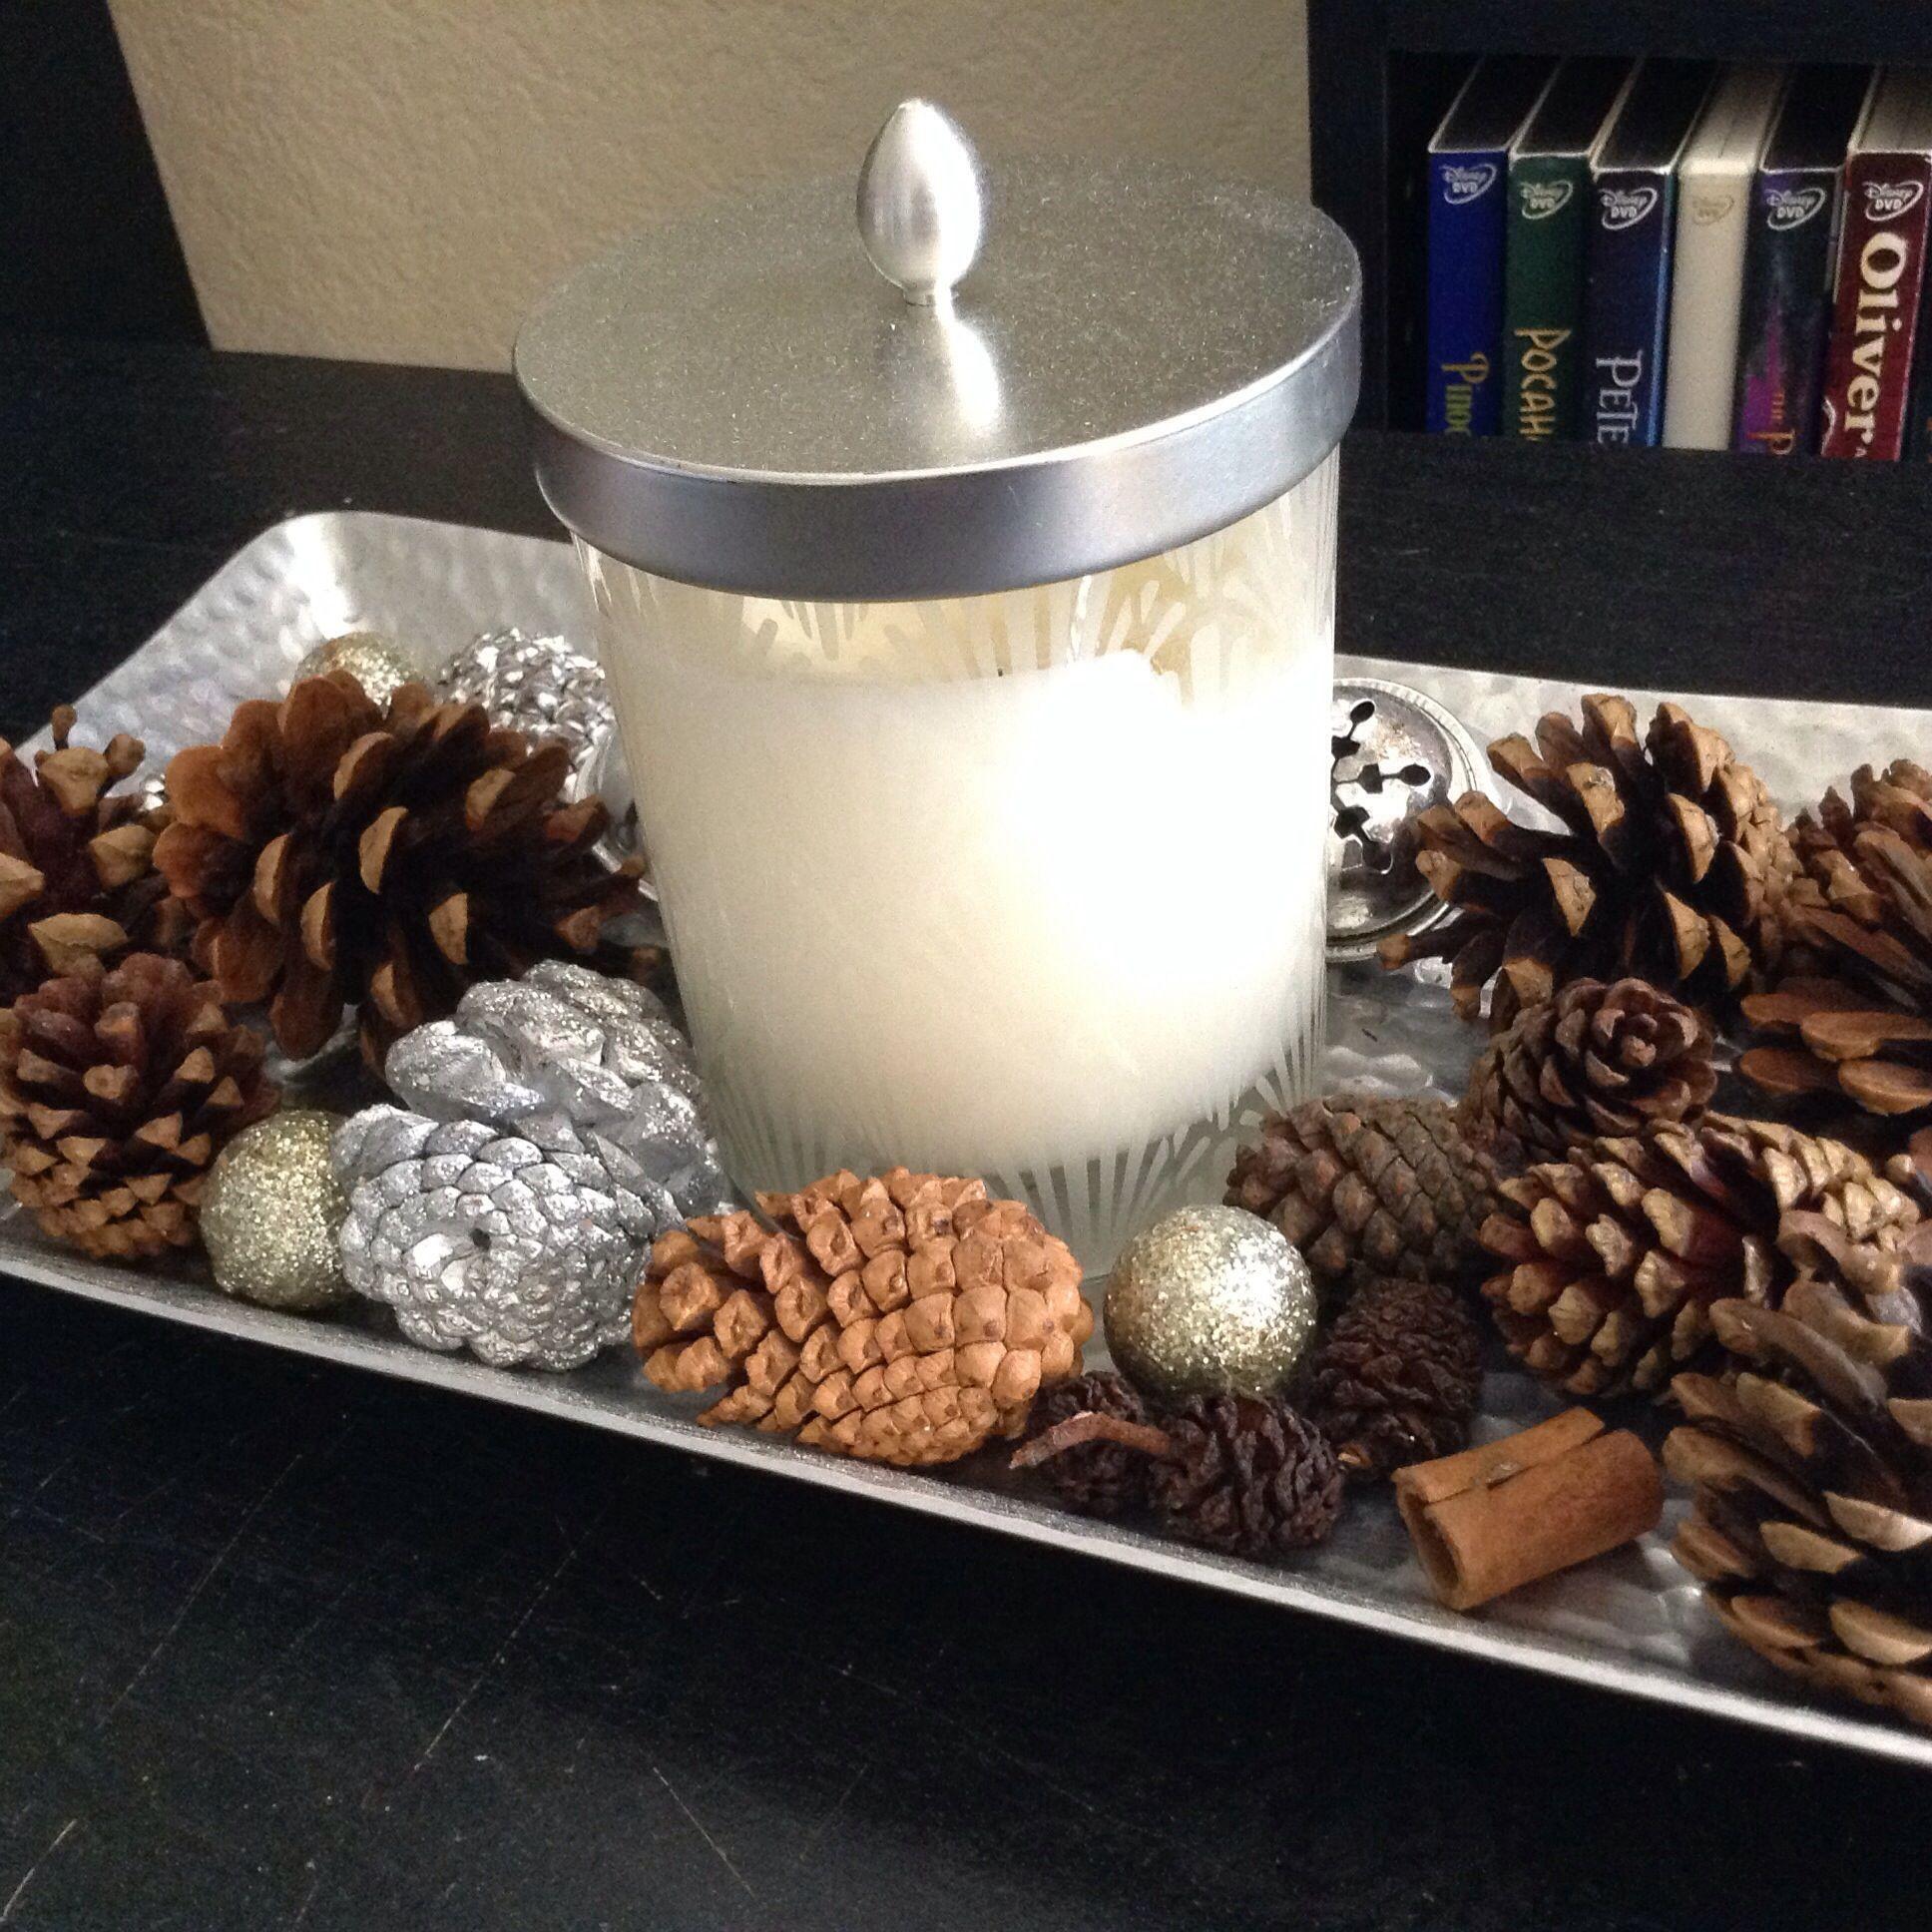 Badezimmer dekor billig holiday potpourri decor  chef nia  weihnachten  pinterest